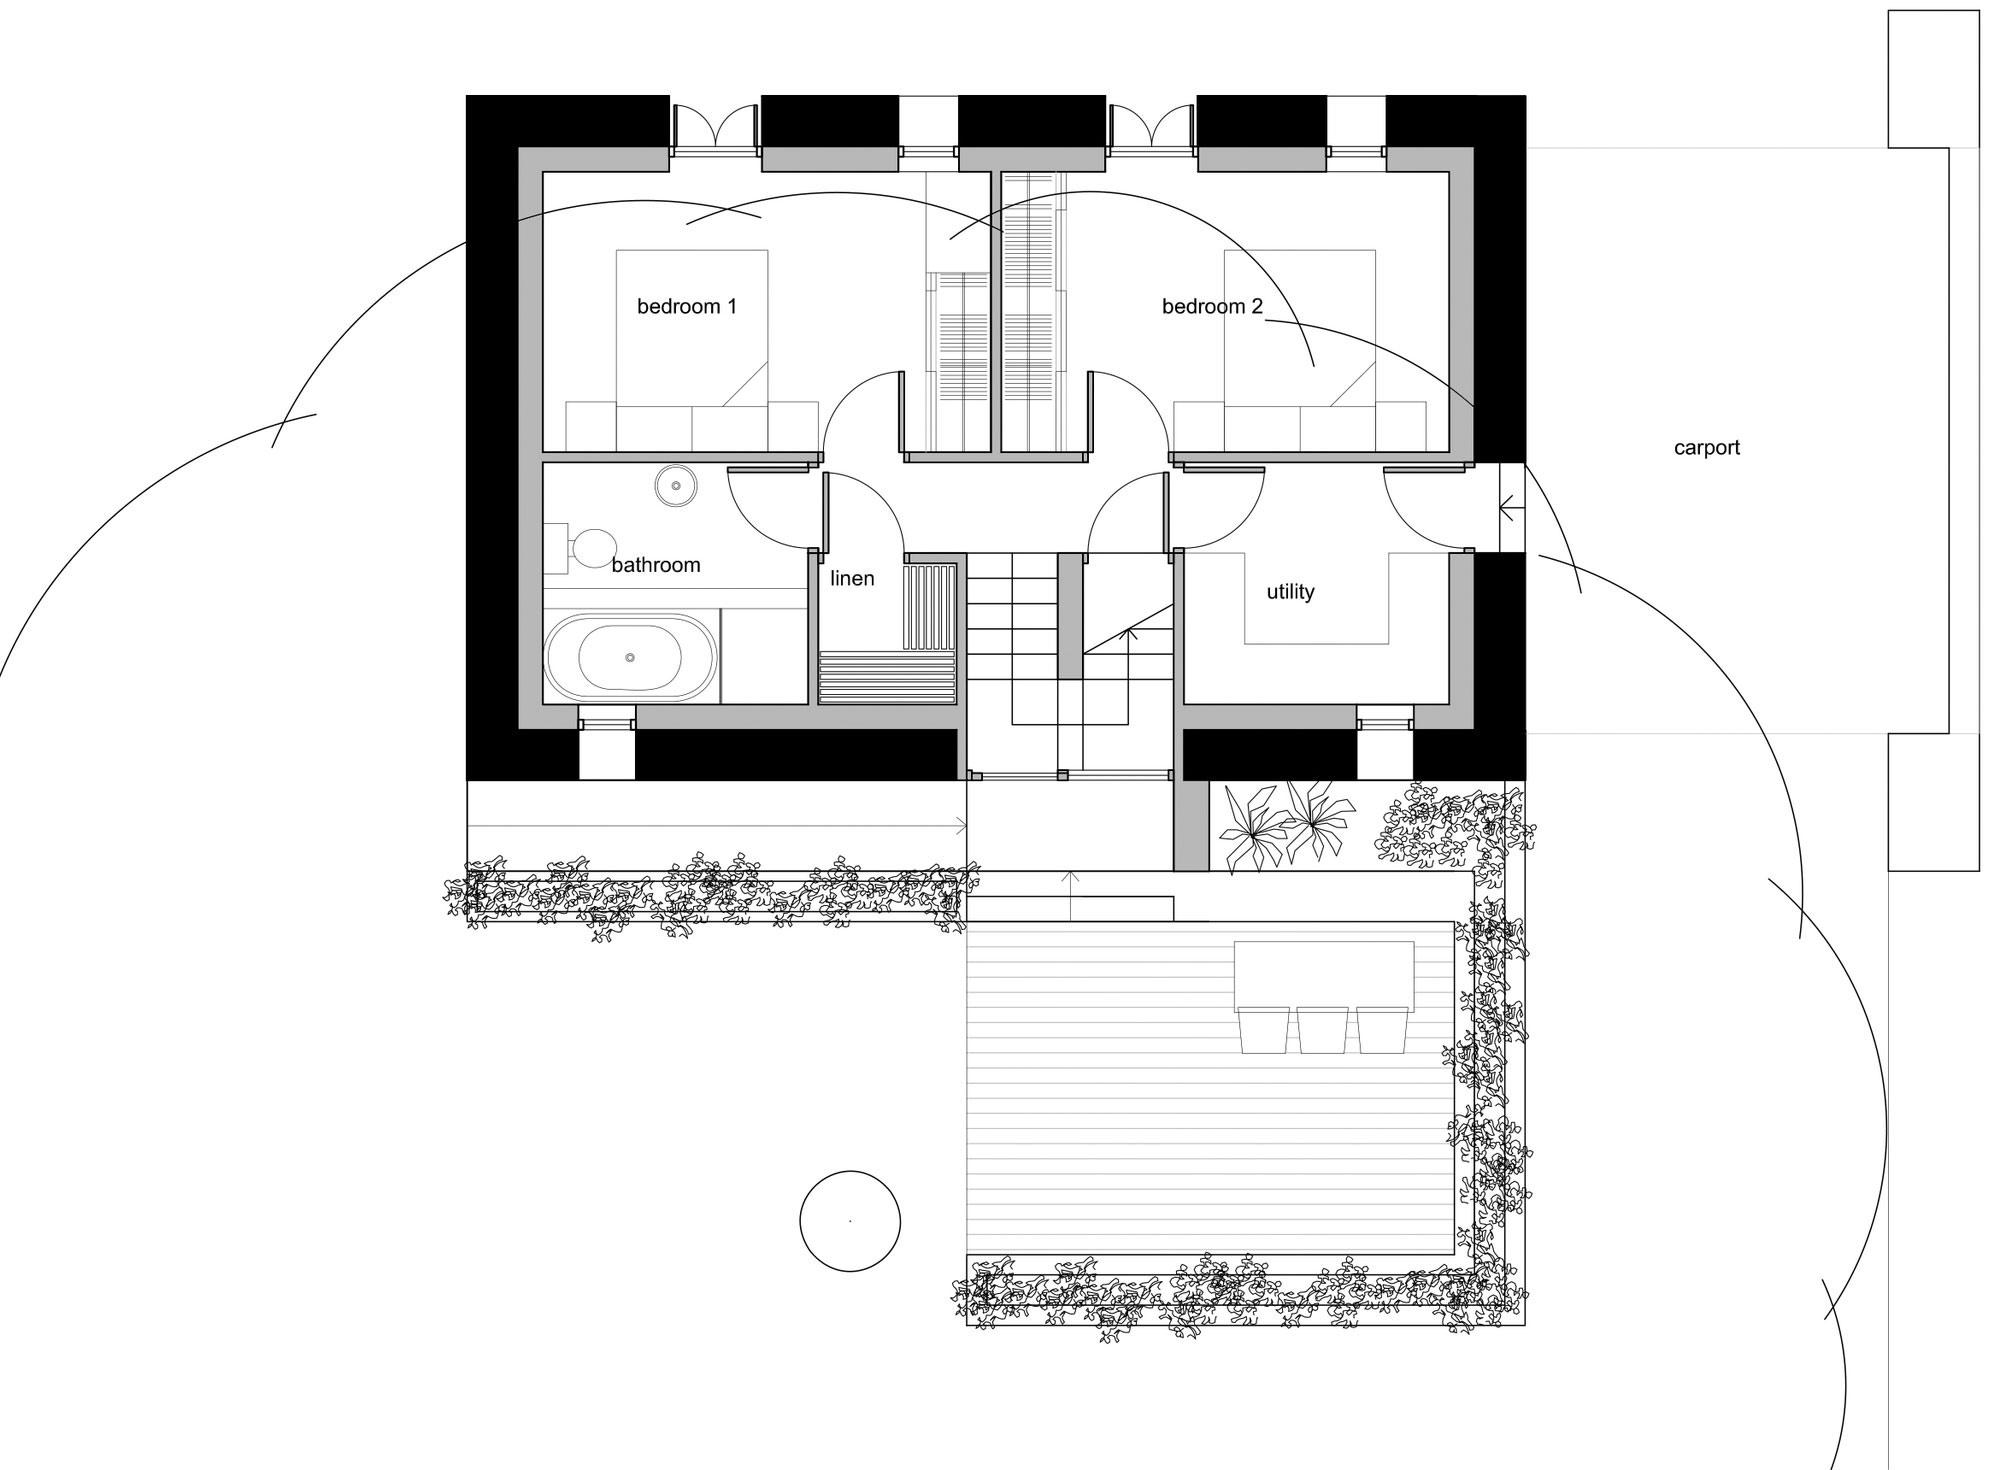 First Floor Plan, Barn Conversion in Broughshane, Northern Ireland